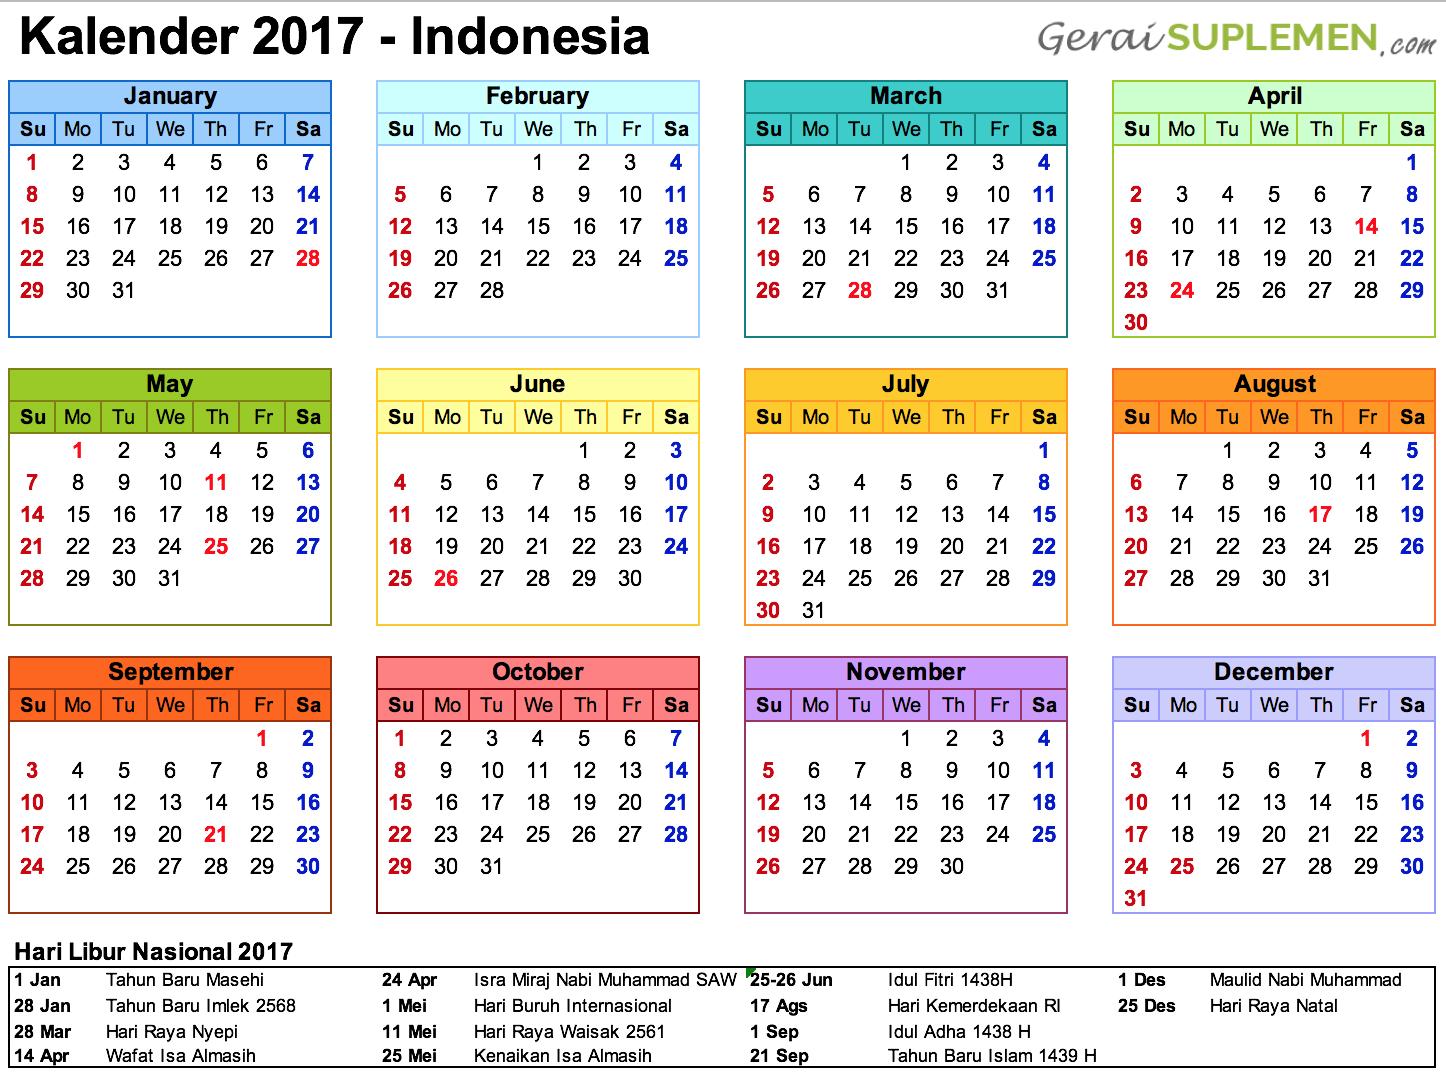 Kalender 2017 Indonesia Hari Libur Nasional Png 1446 1082 Kalender Australia Liburan